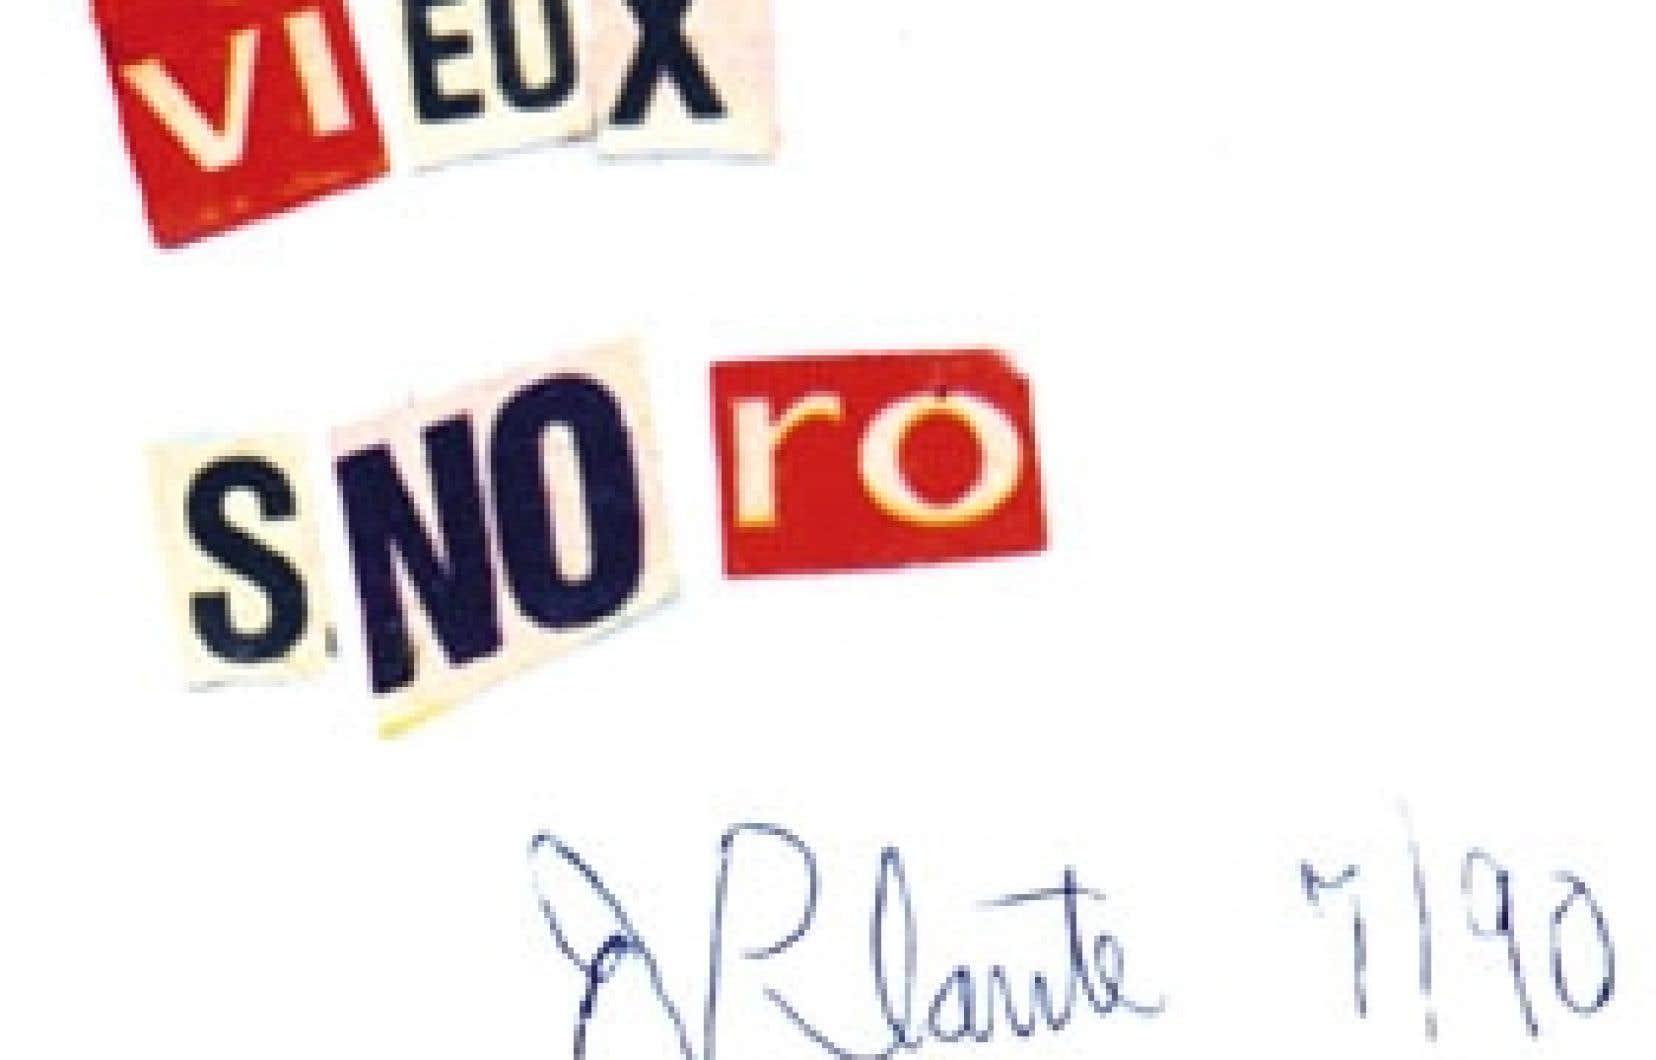 Il n'a pas voulu qu'on le sache mais on le sait. L'écrivain Réjean Ducharme est aussi Roch Plante, le créateur des Trophoux, des collages et des petites scupltures faites de matériaux recyclés. Ici, Vieux Snoro, l'une de ses oeuvres.